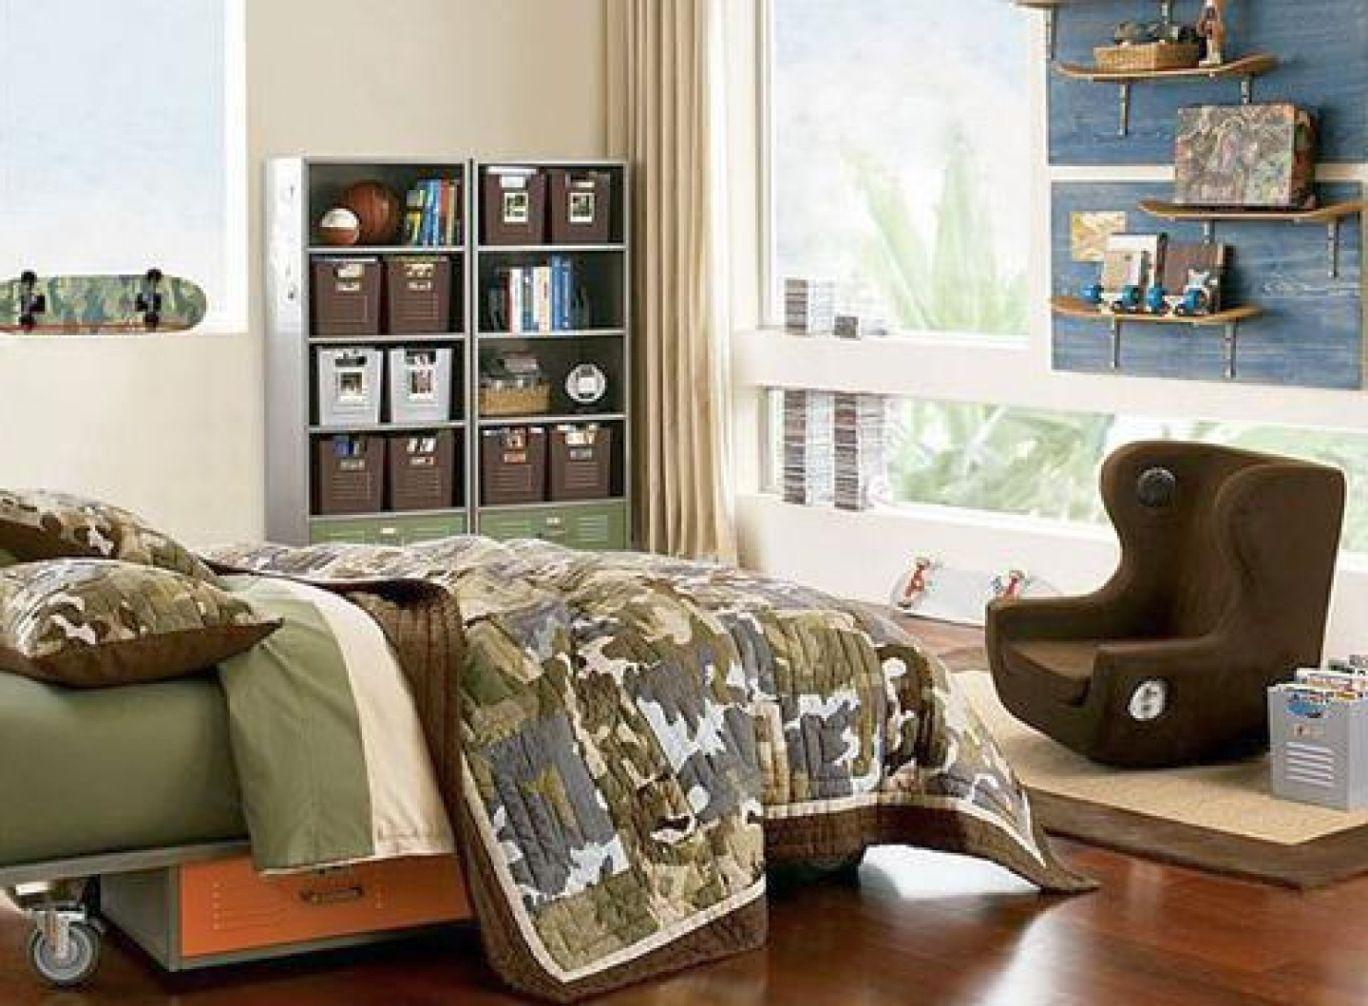 12 Superb Room Decor Ideas for Teenage Boys on Teenage Room Ideas Boy  id=74433